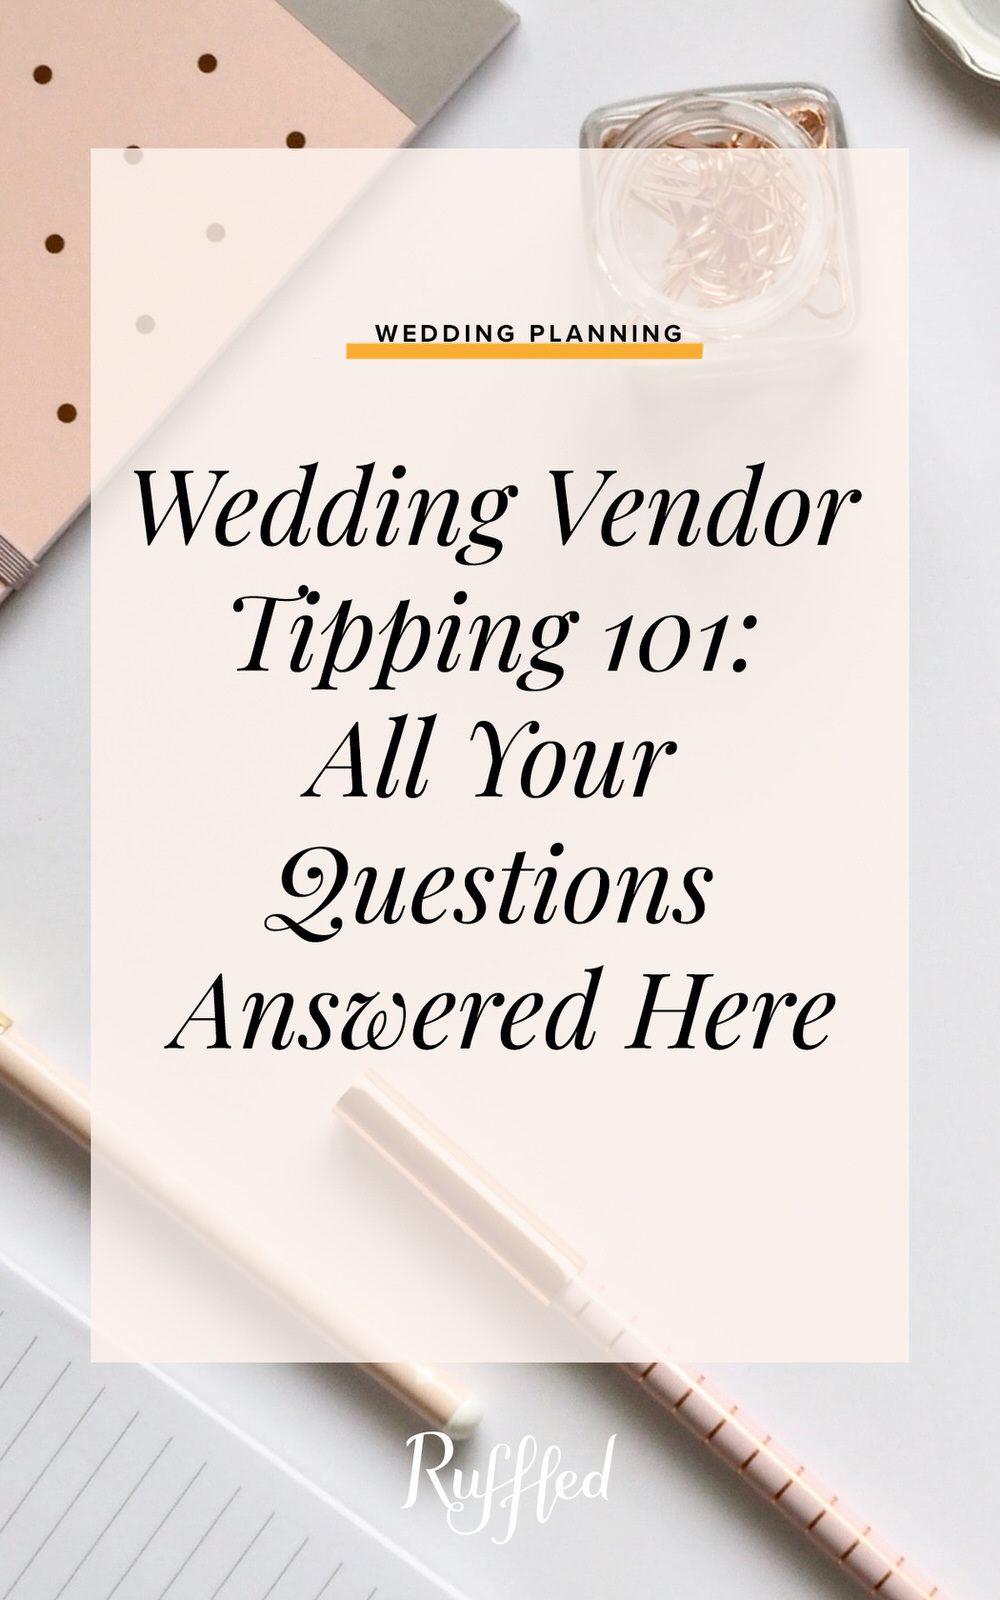 Wedding Vendor Tipping 101